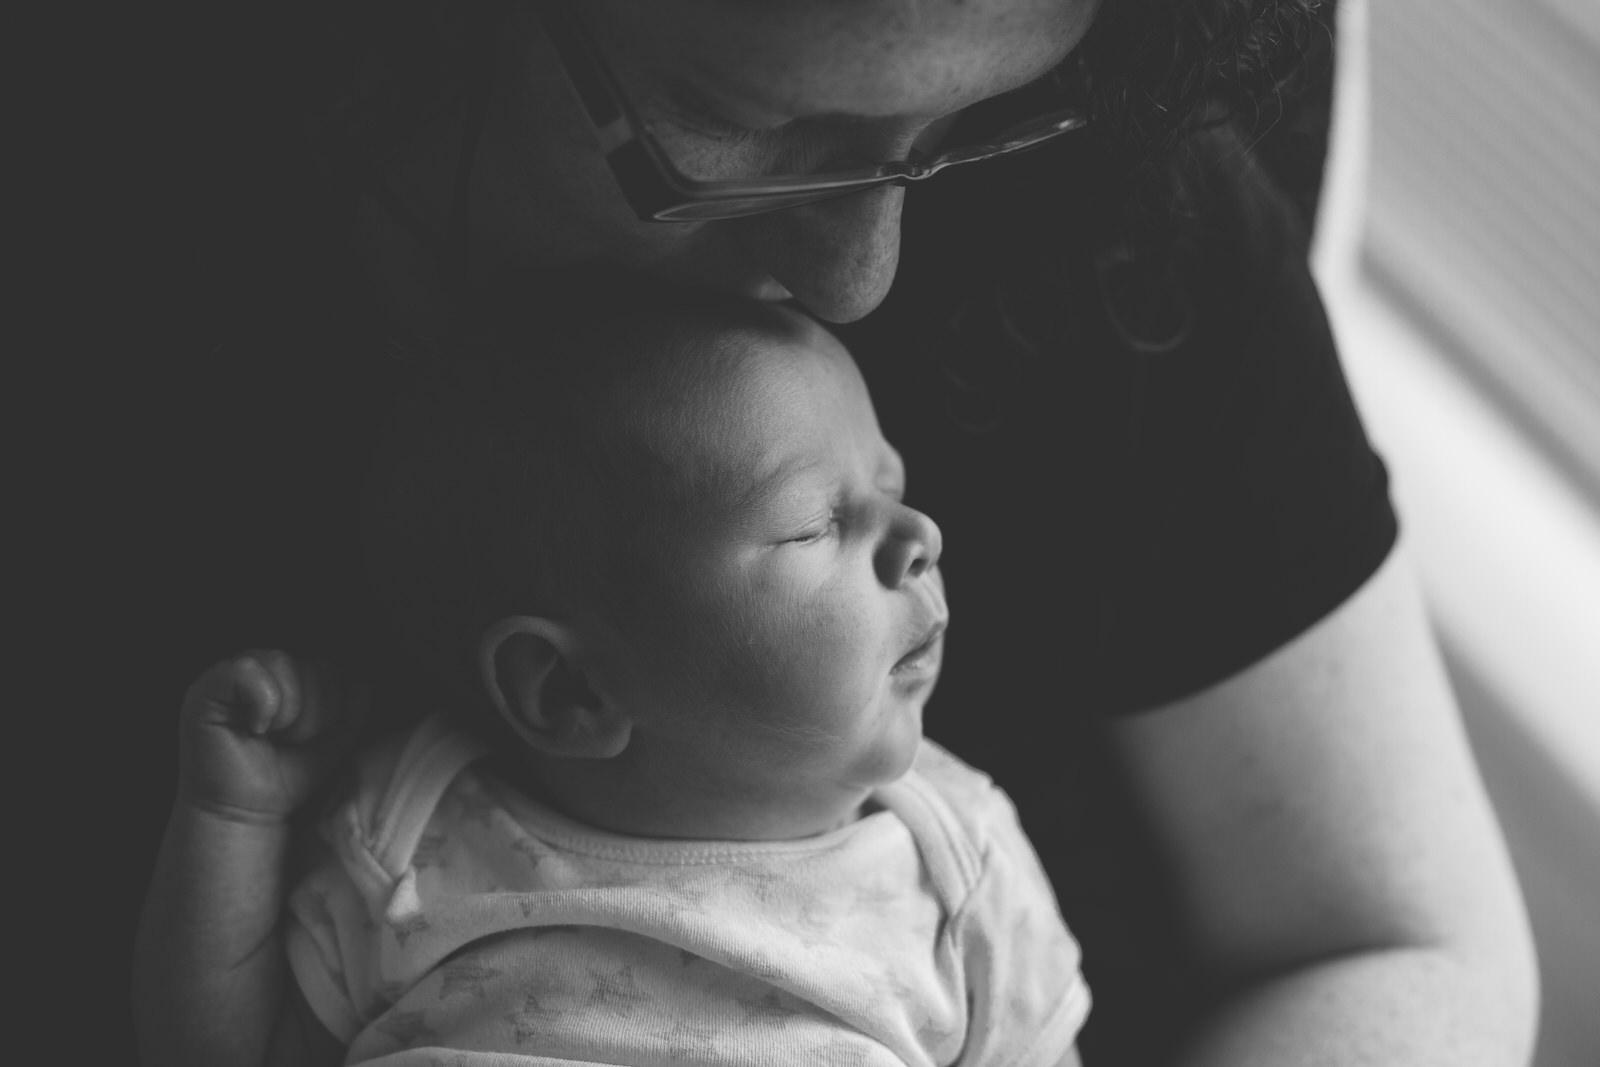 nct aberdeen, aberdeen baby photographer, family photography aberdeen, family photographer aberdeen, baby photos aberdeen, newborn photographer aberdeenshire